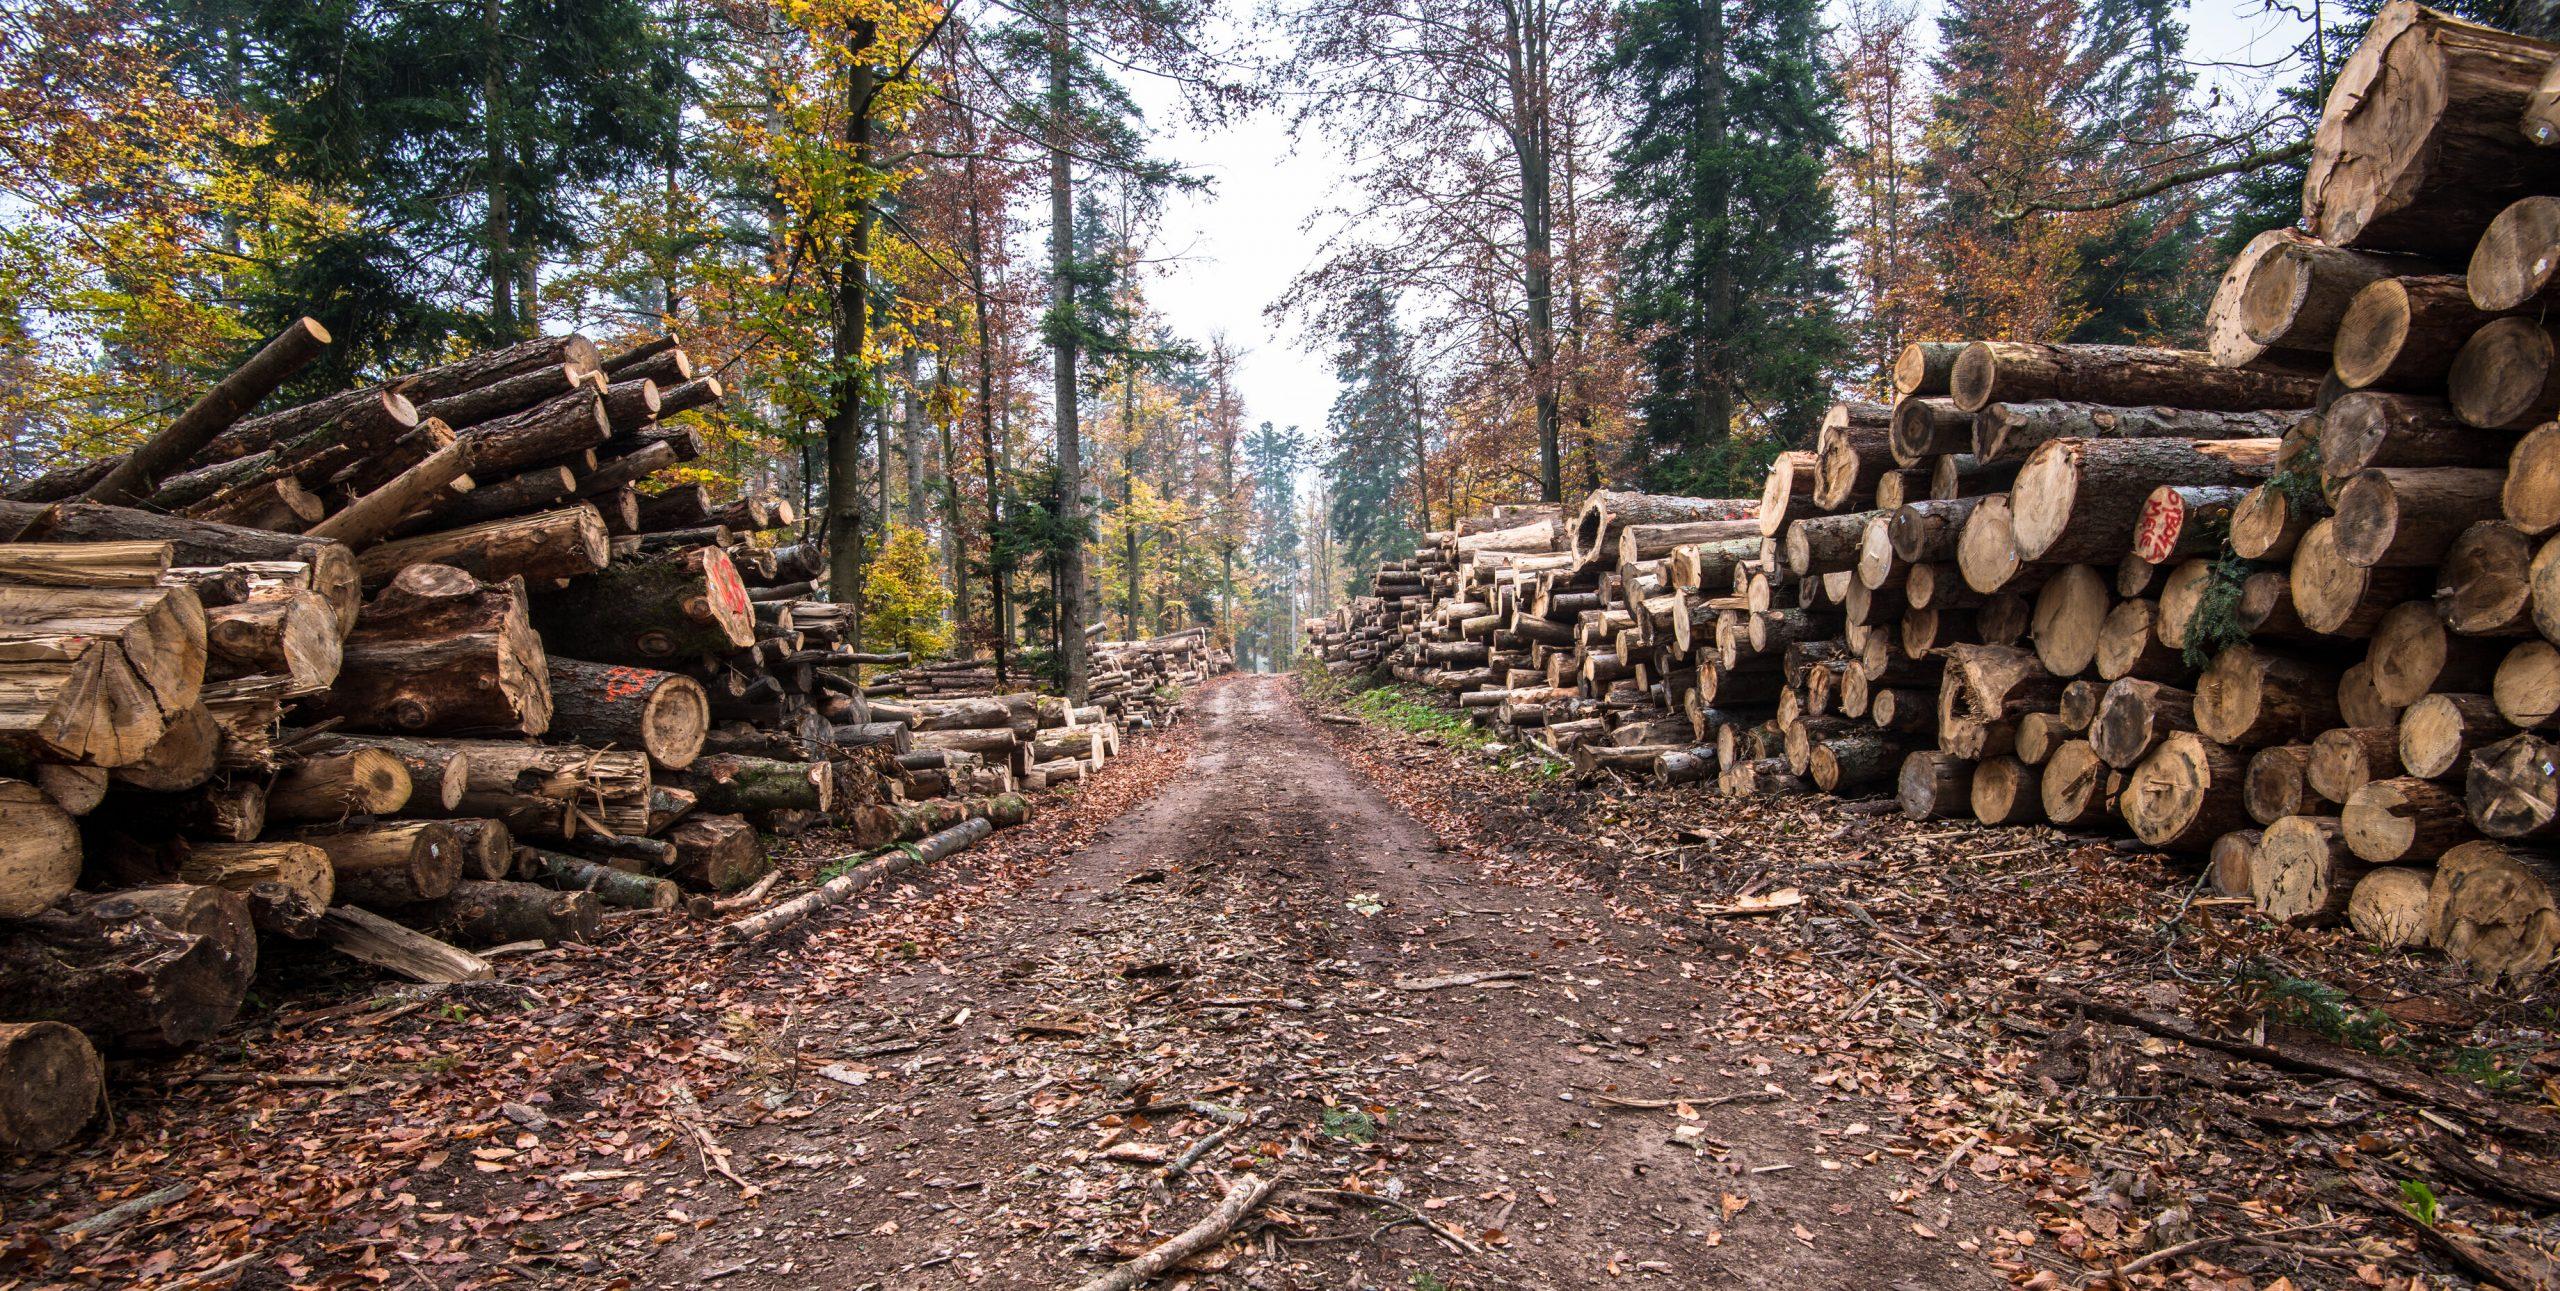 Pădurile din România sunt amenințate de tăierile masive. IKEA deține 50.000 de hectare de pădure, iar noi importăm lemn din Bulgaria